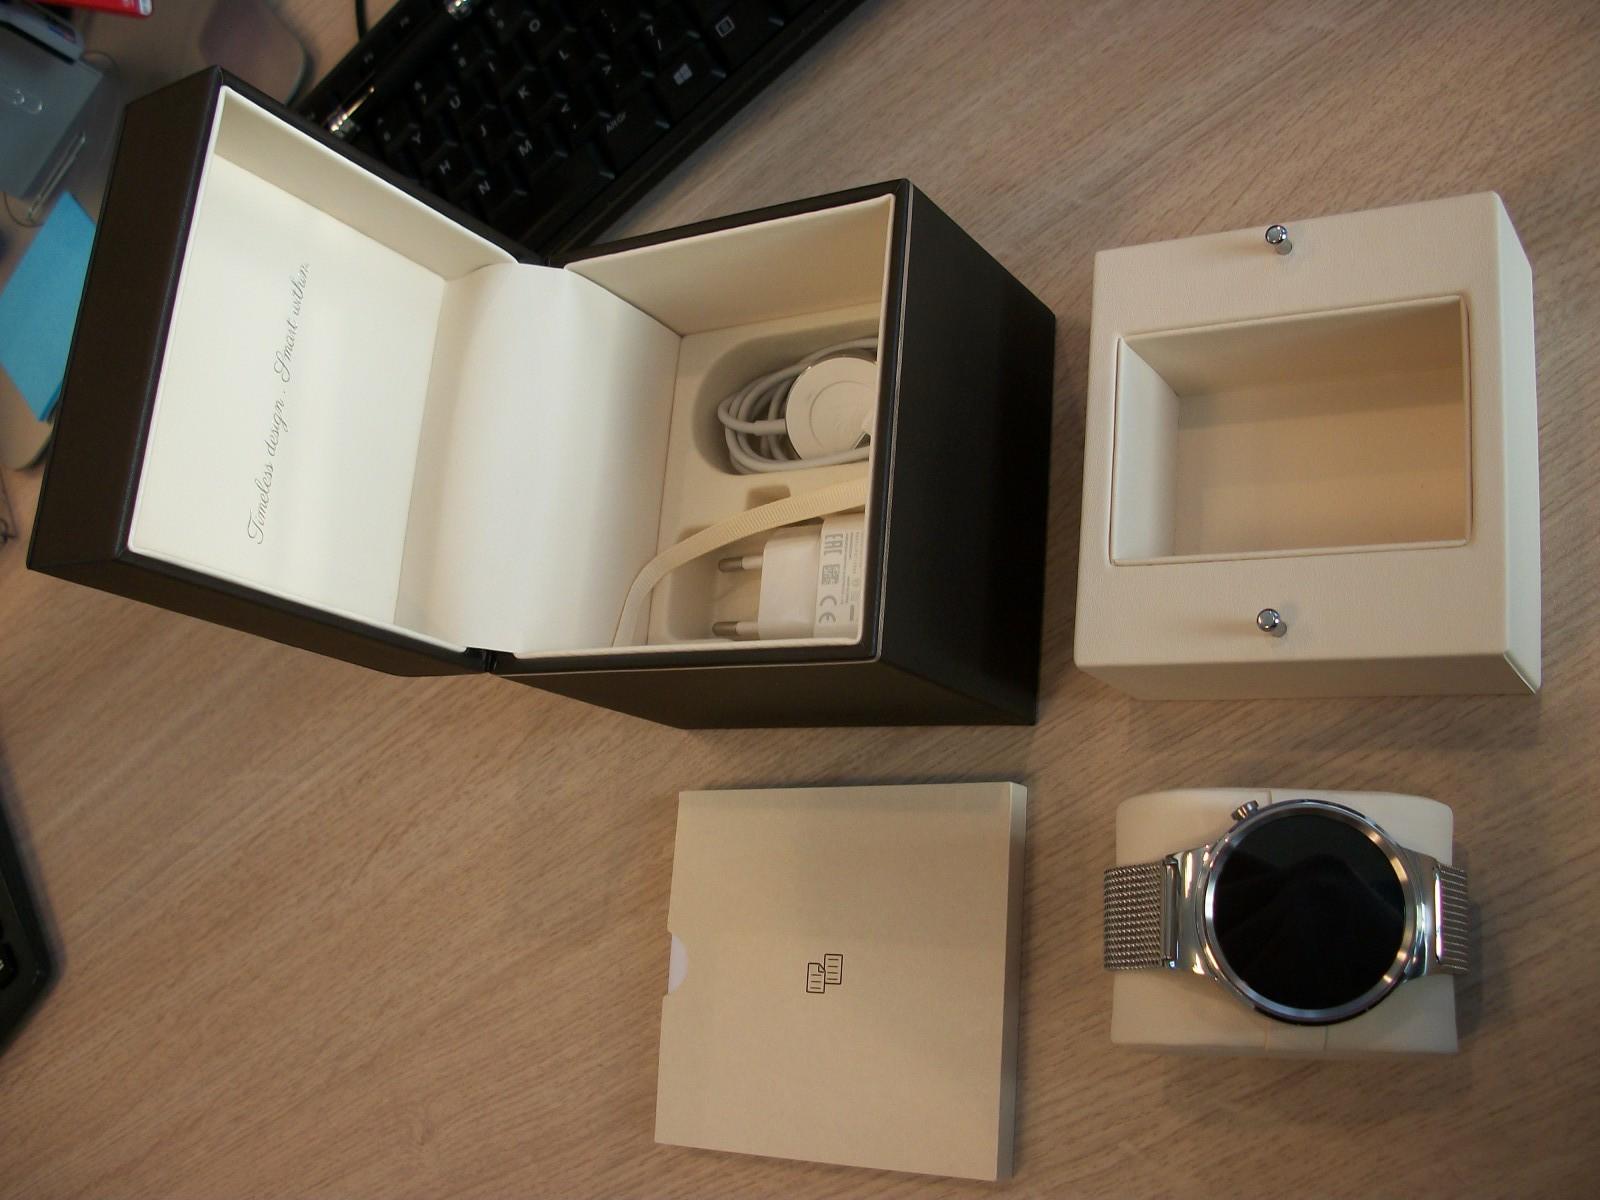 Huawei Watch items